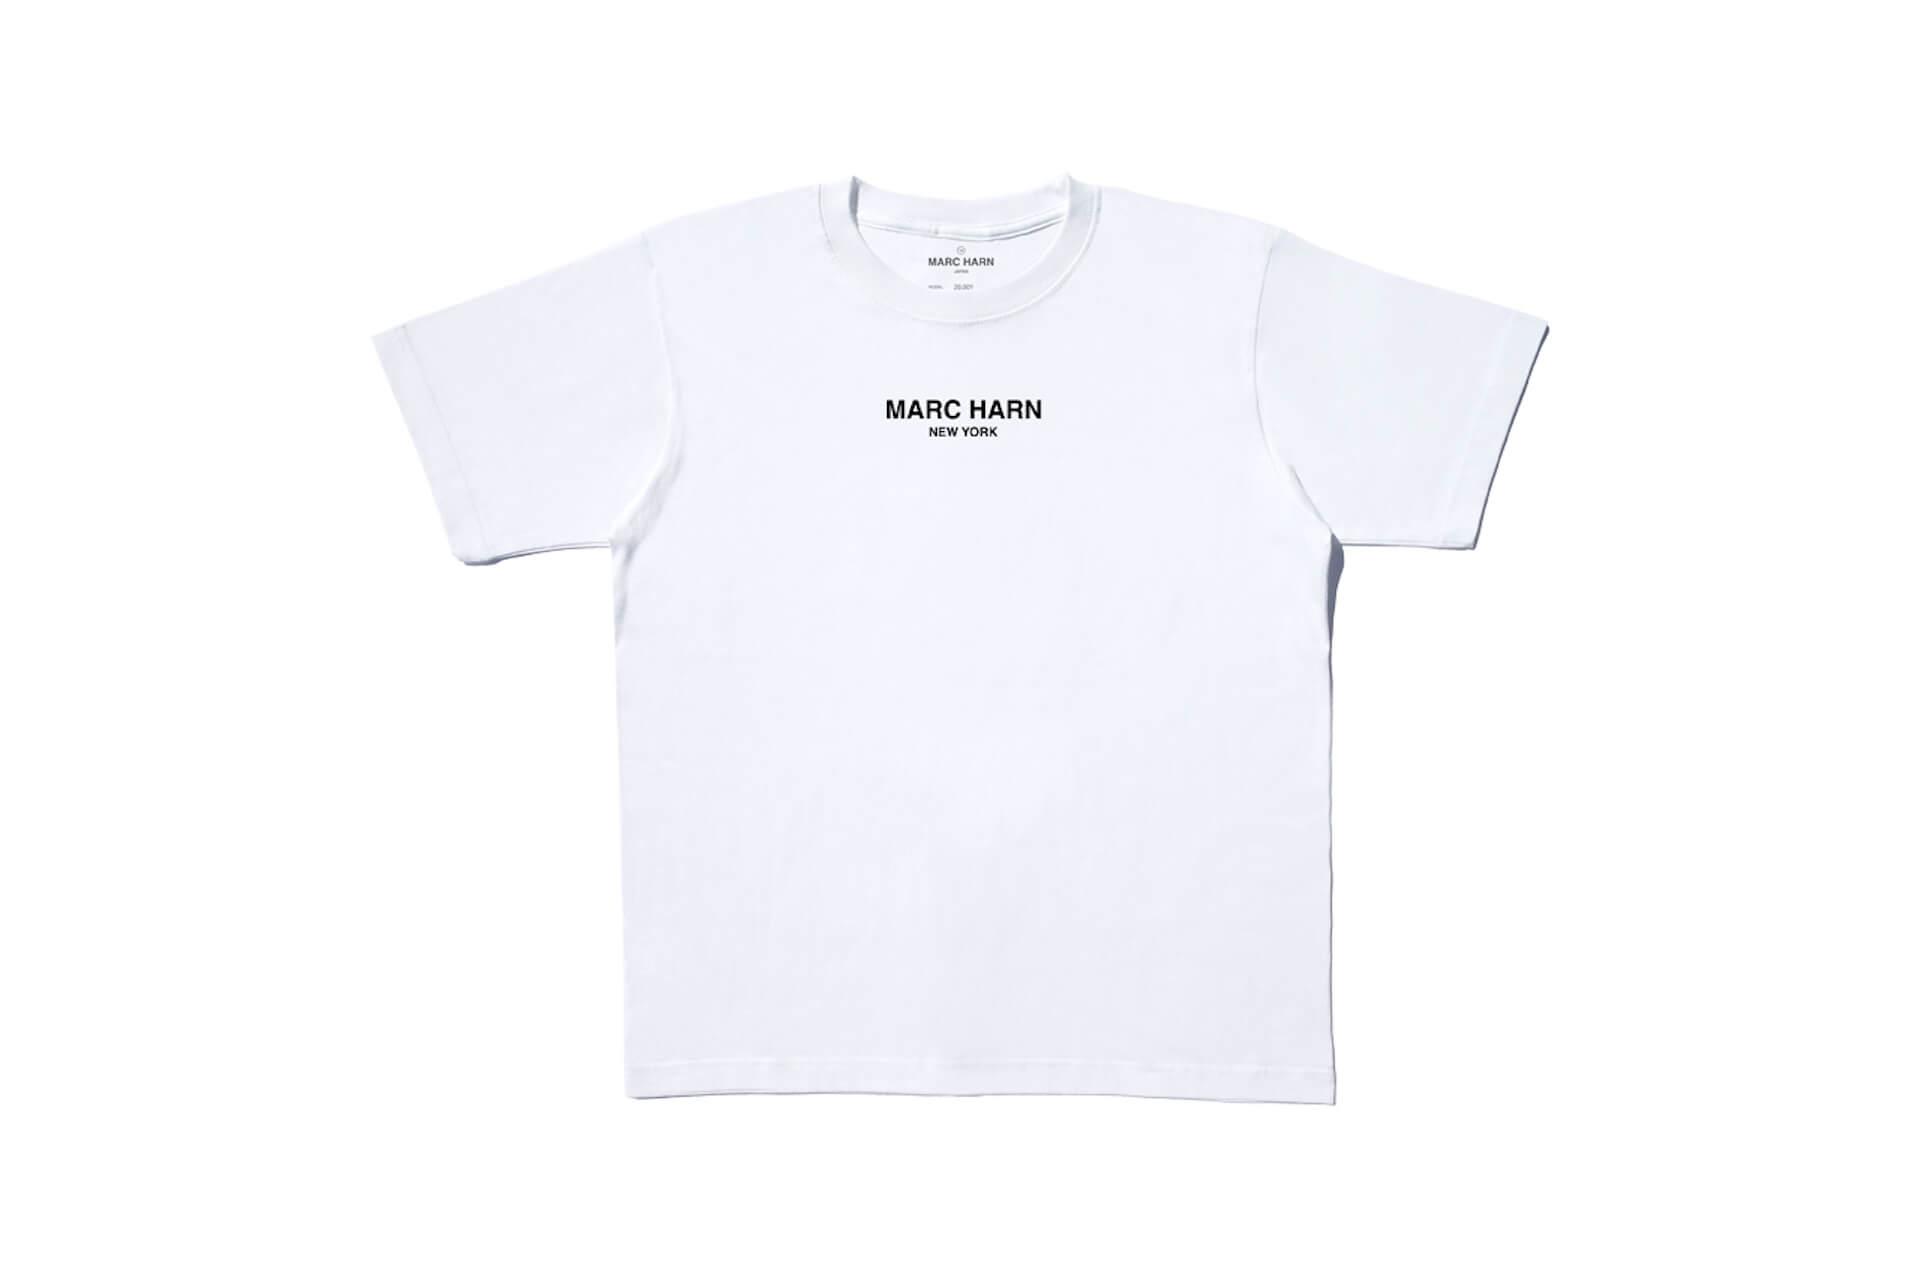 ファレル・ウィリアムス、VANSが認めたMASAの「MARC HARN」が新作の受注受付を開始!Tシャツやキャップなど12アイテム lf200618_marcharn_09